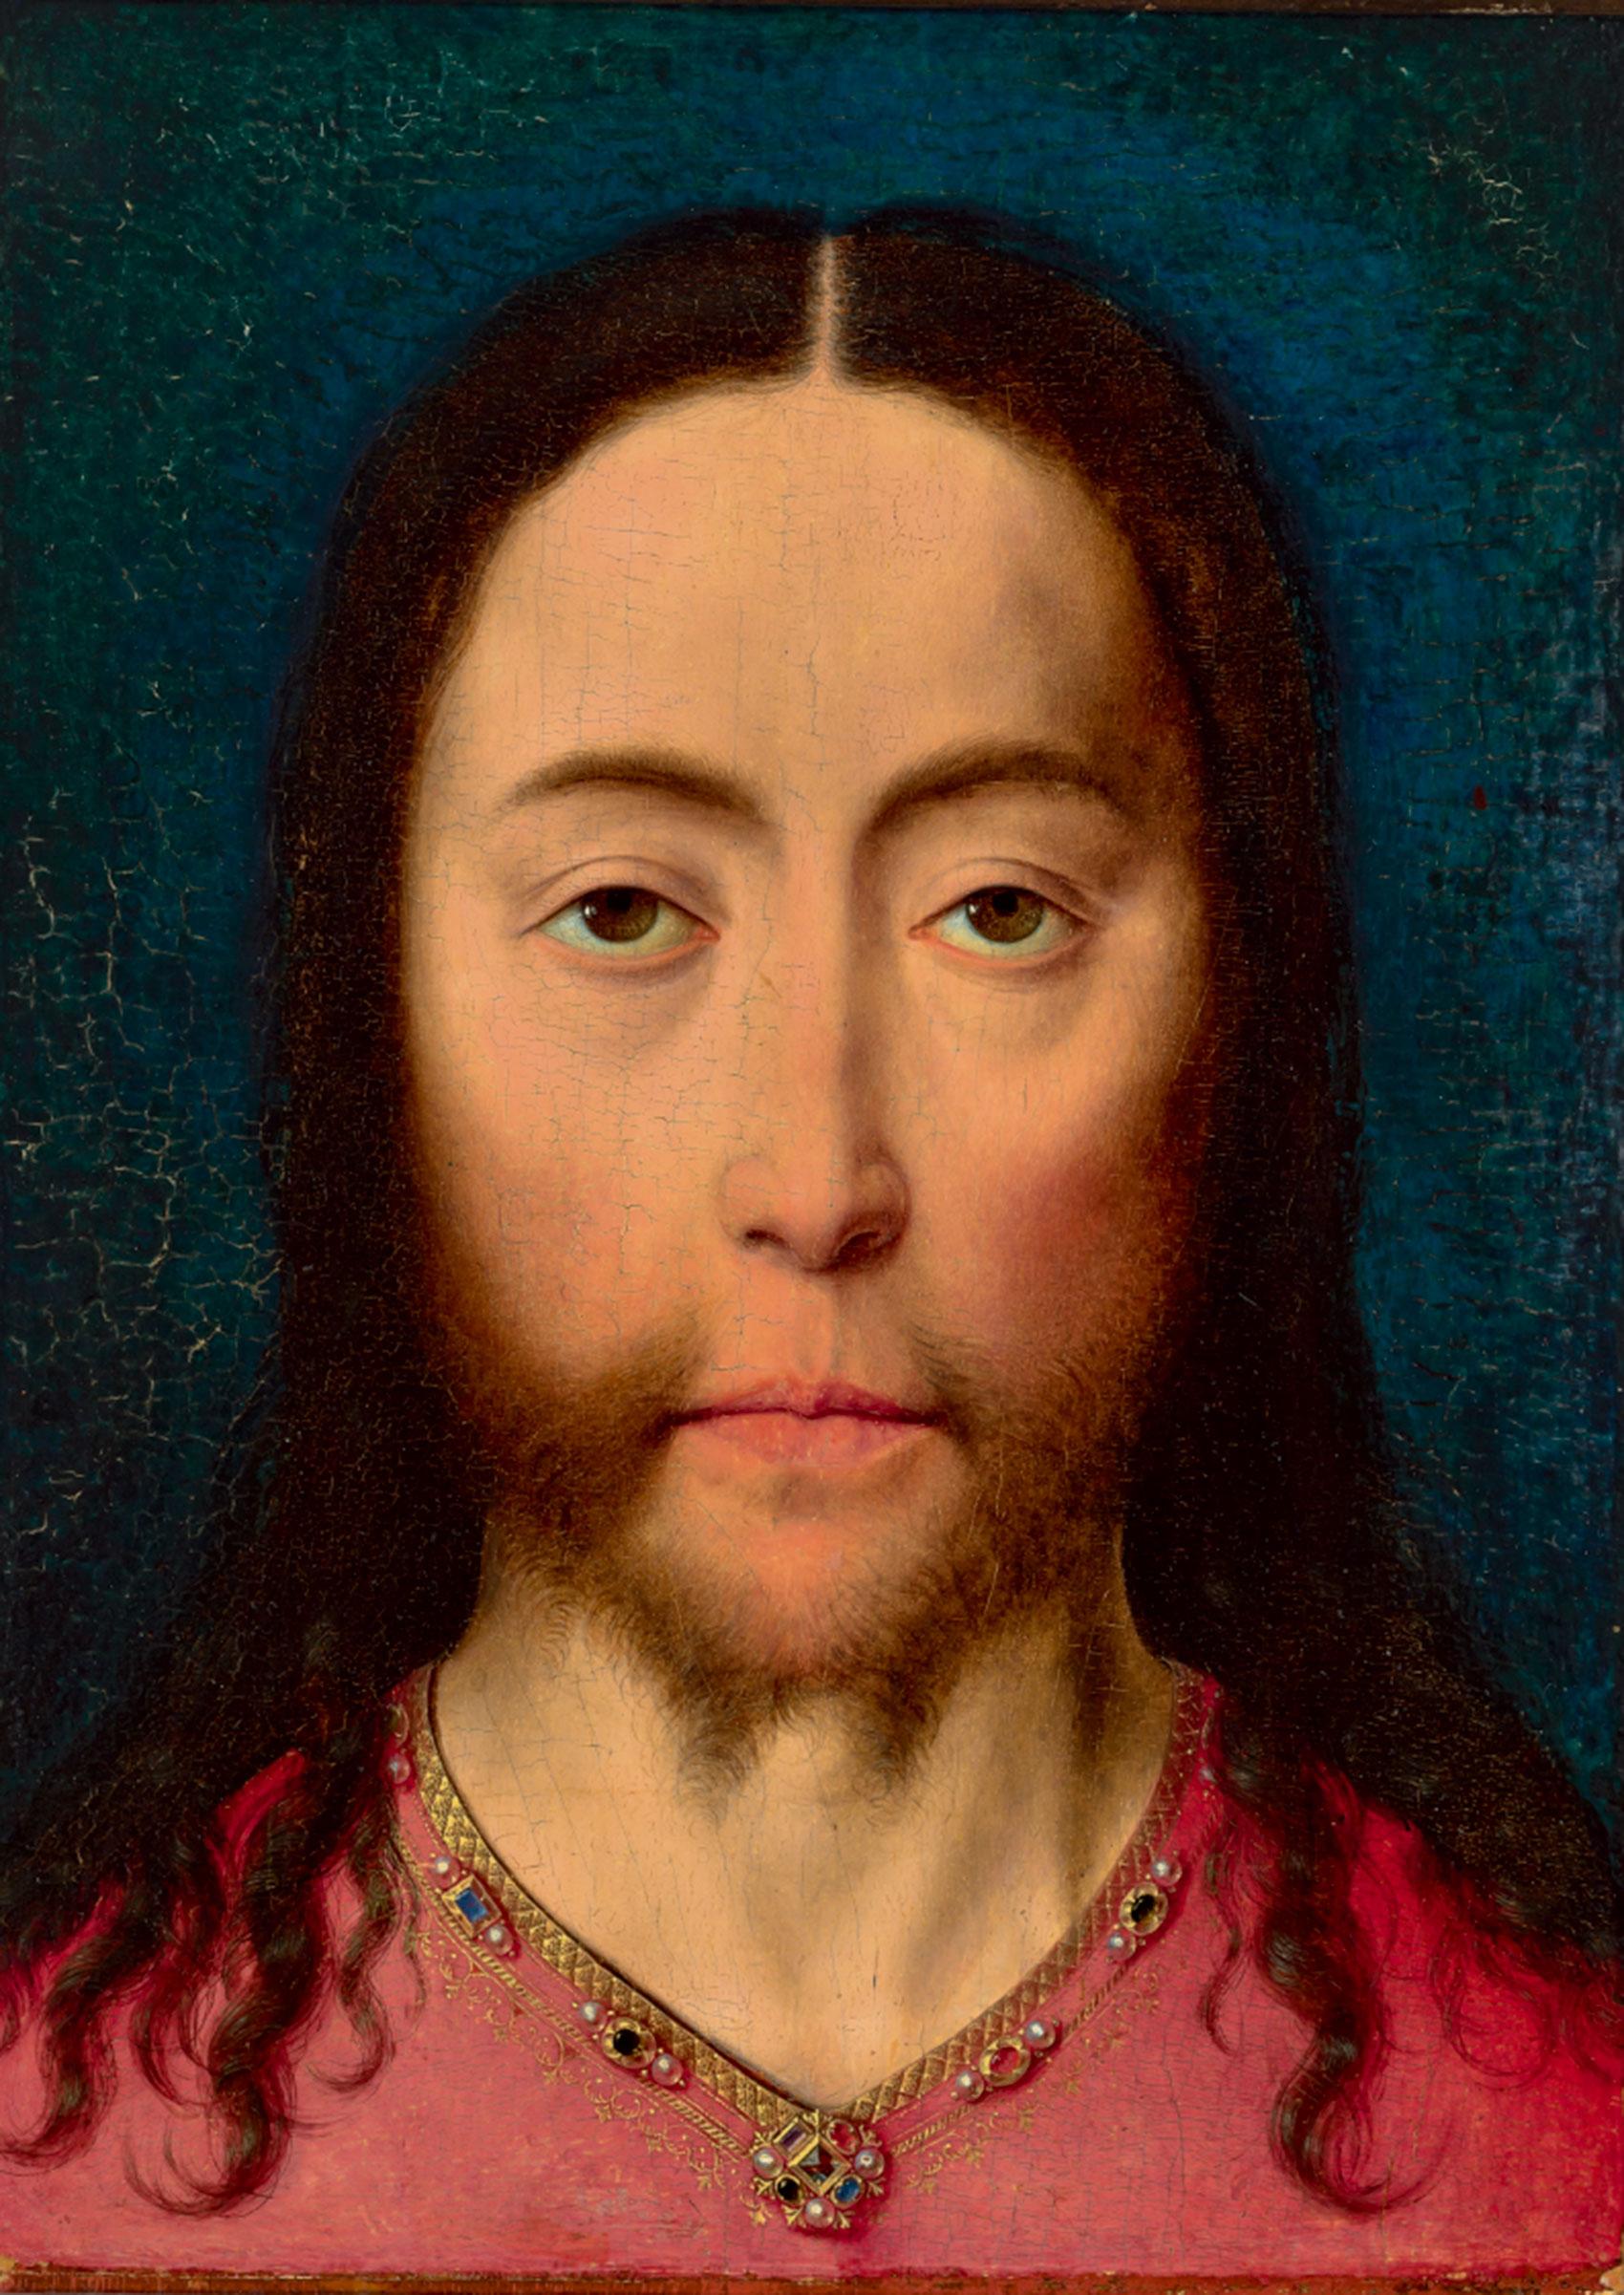 ディルク・バウツ「キリストの頭部」1470年頃 油彩、板 Museum BVB, Rotterdam, the Netherlands